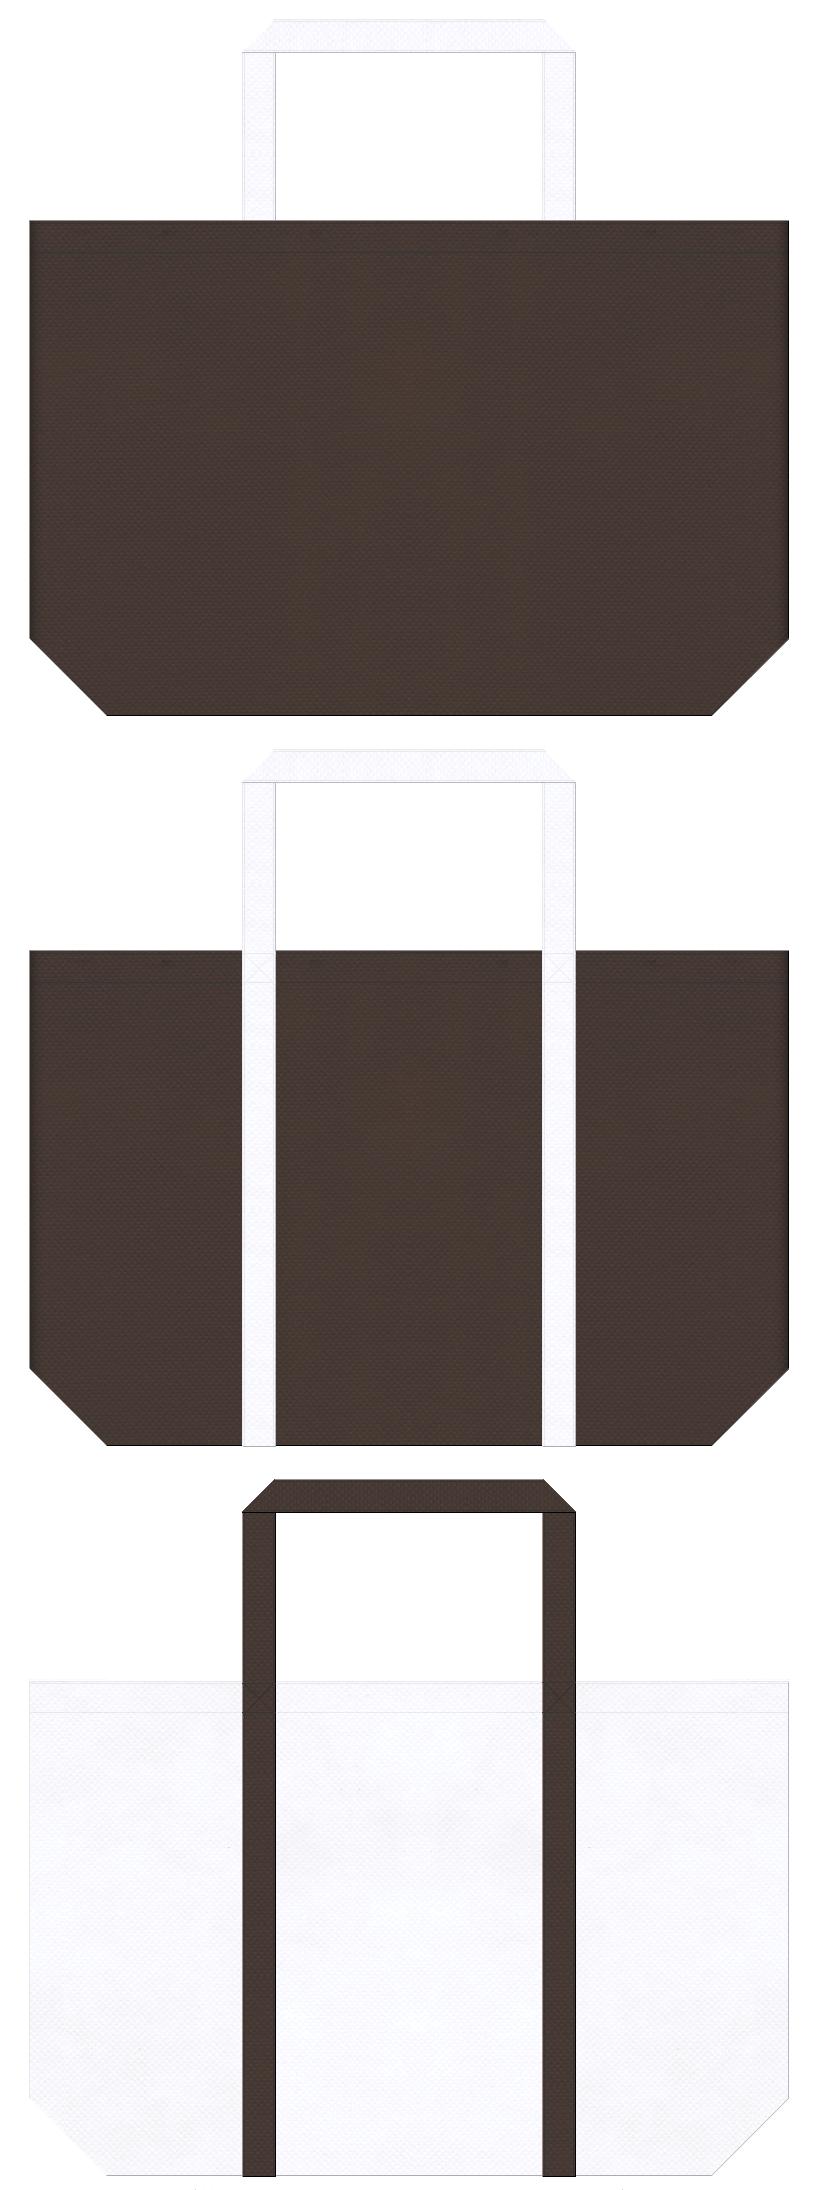 雪だるま・雪まつり・観光・城下町・武家屋敷・お城イベント・ブラウス・ワイシャツ・礼服のショッピングバッグにお奨めの不織布バッグデザイン:こげ茶色と白色のコーデ